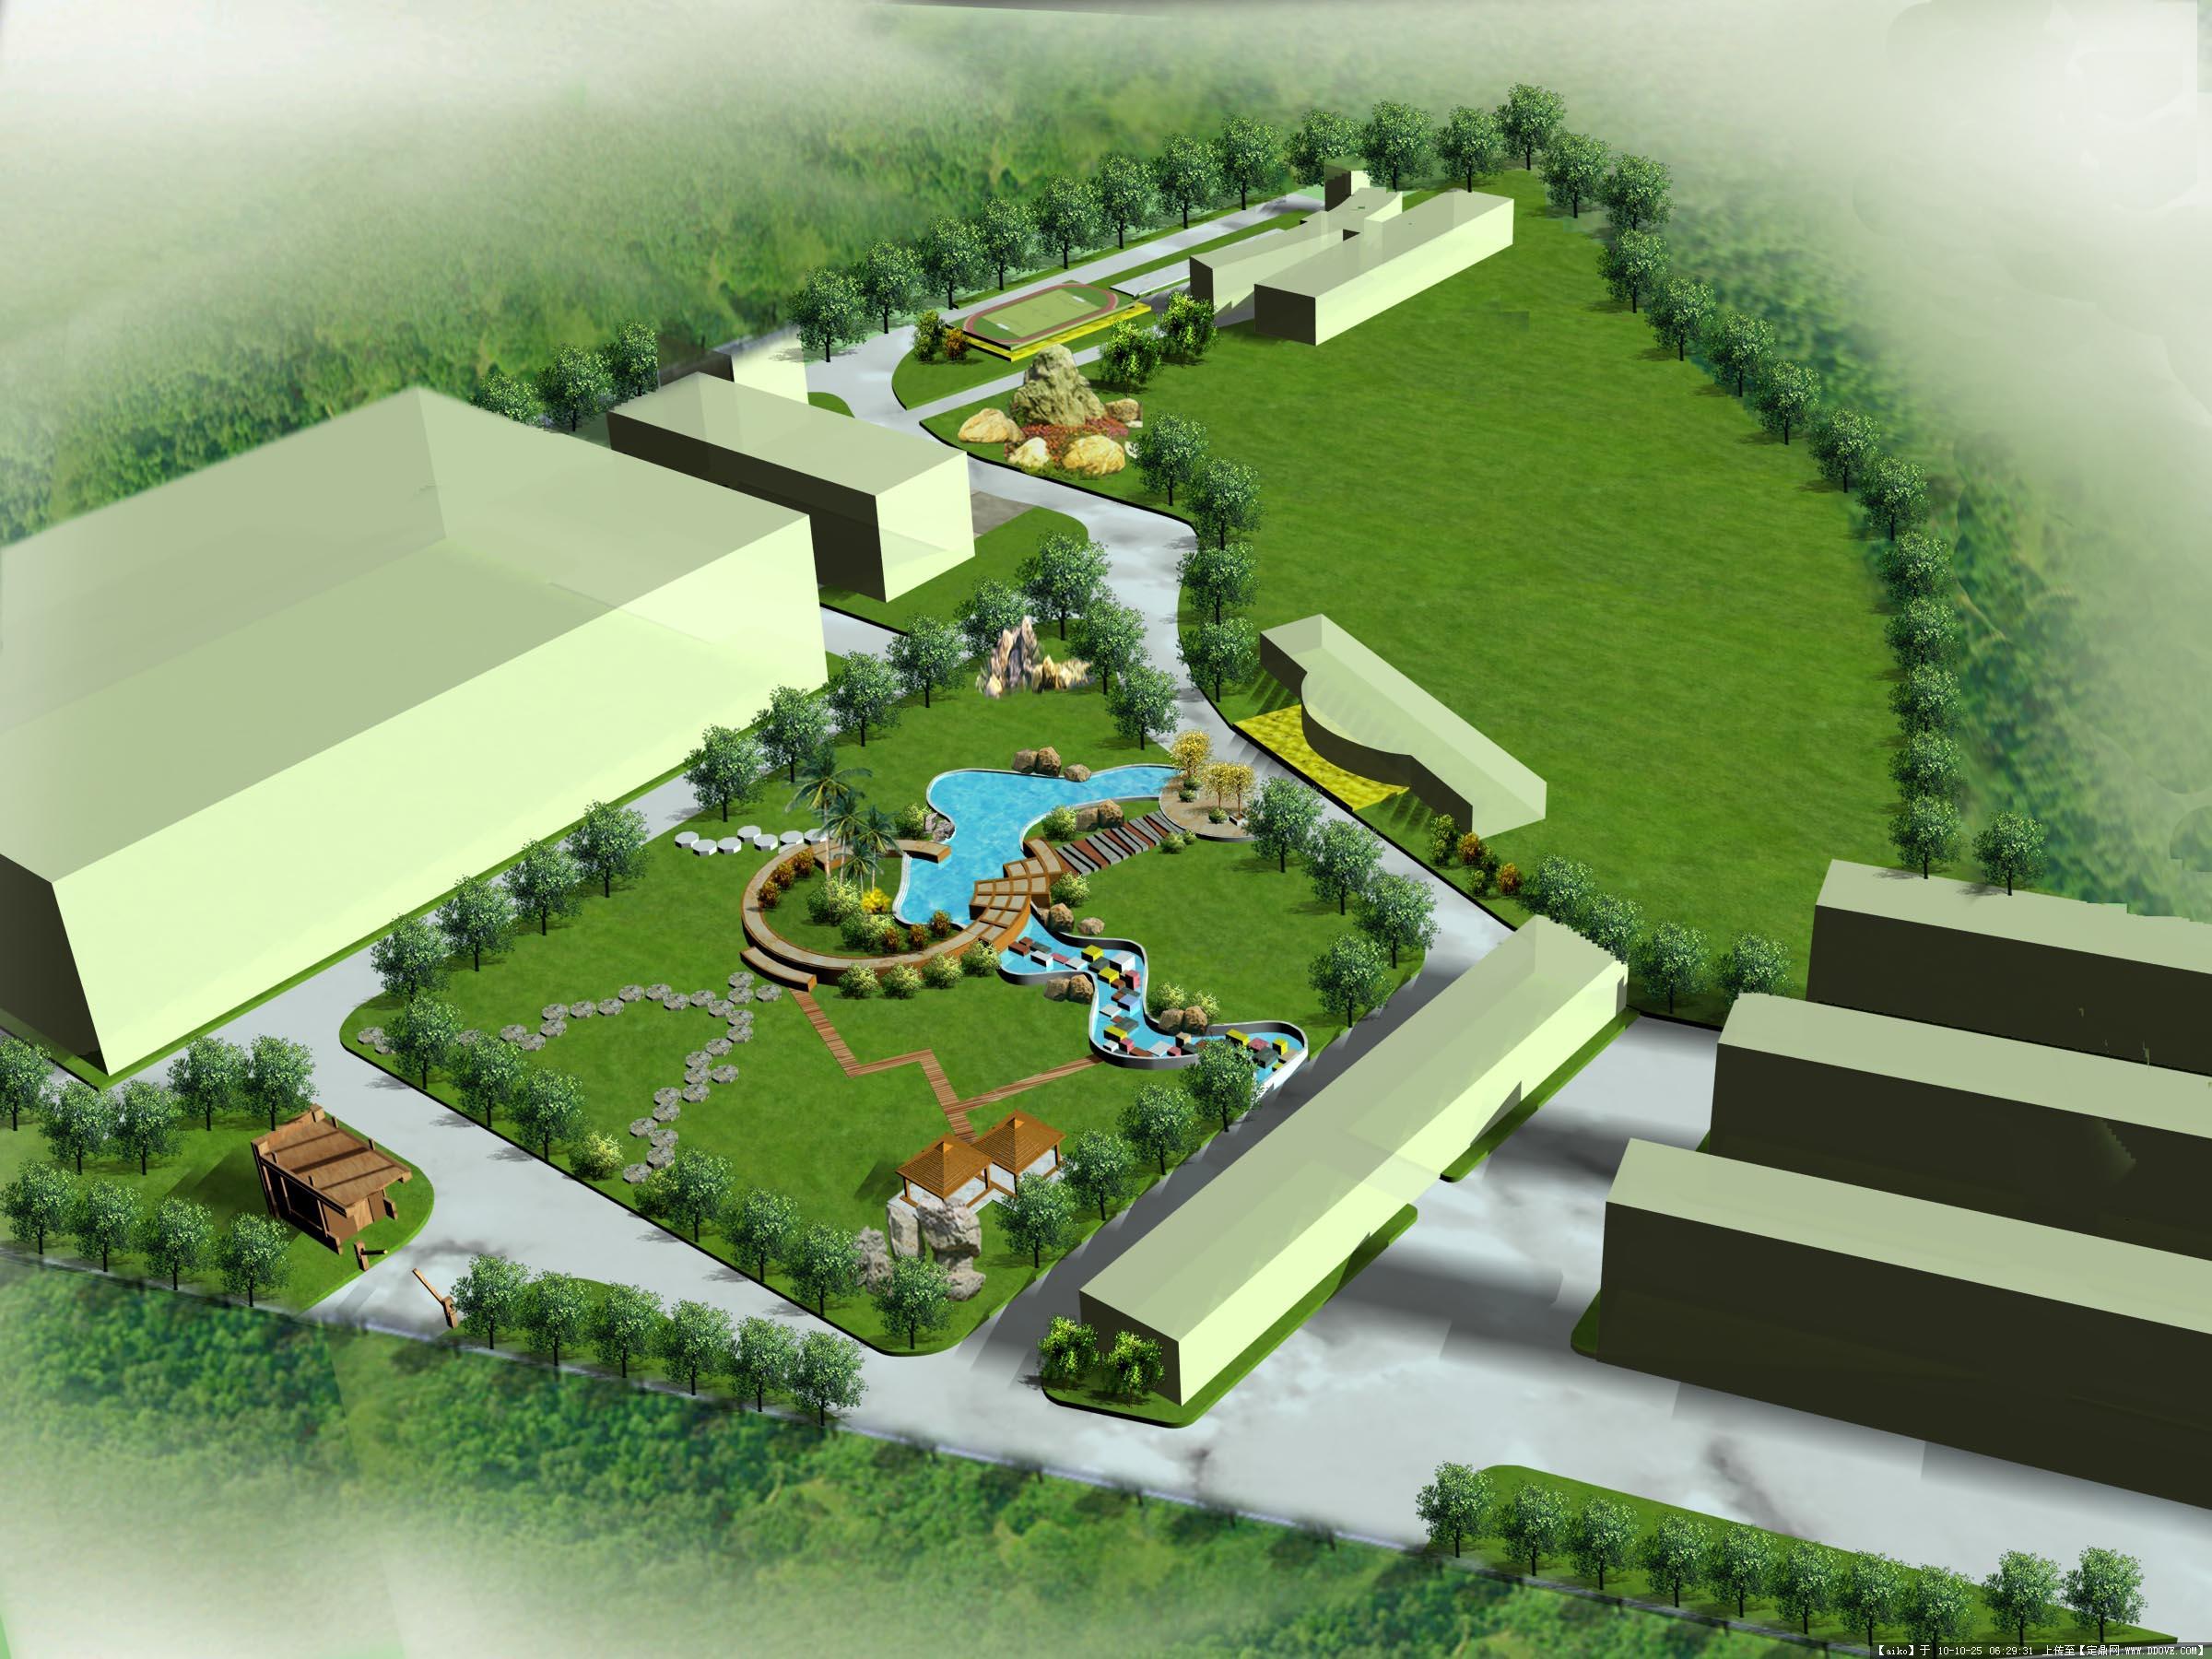 厂区效果图的图片浏览,园林效果图,单位厂区,园林景观